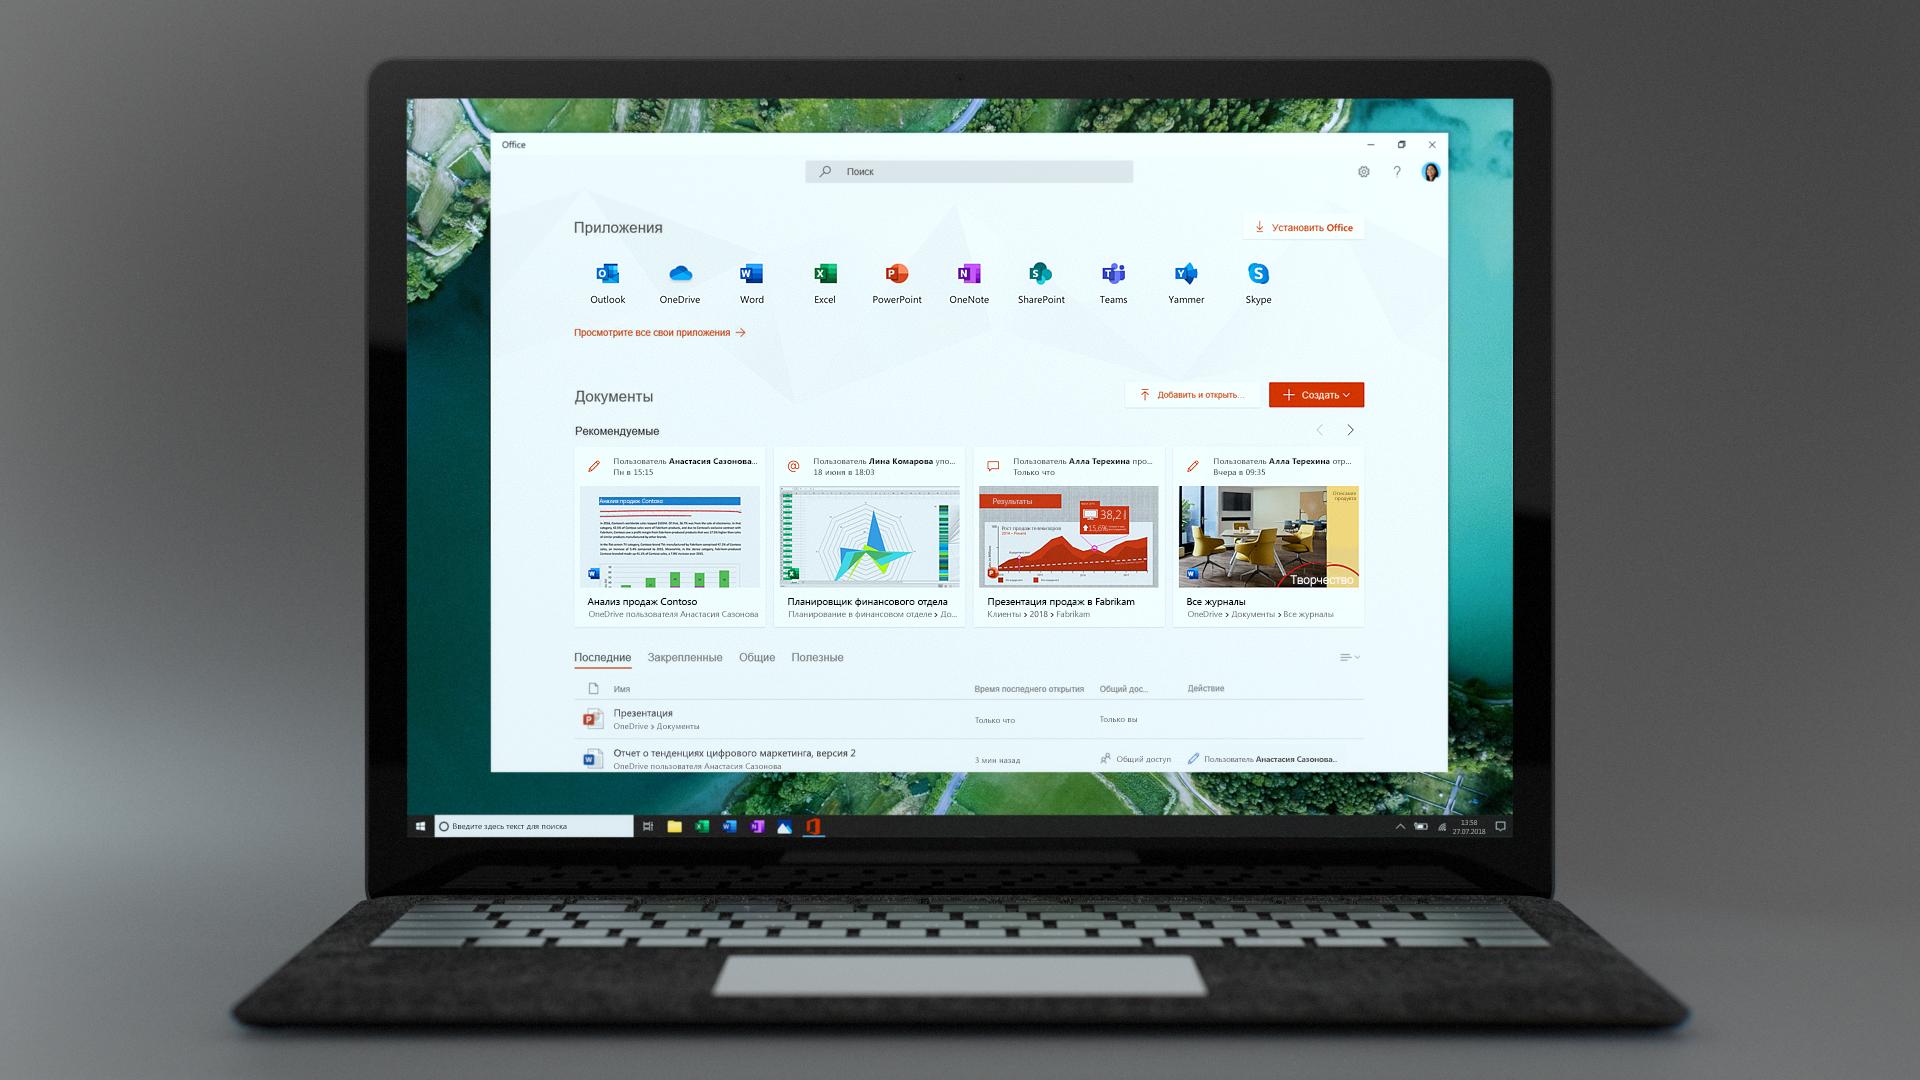 Изображение ноутбука с новым приложением Office на экране.